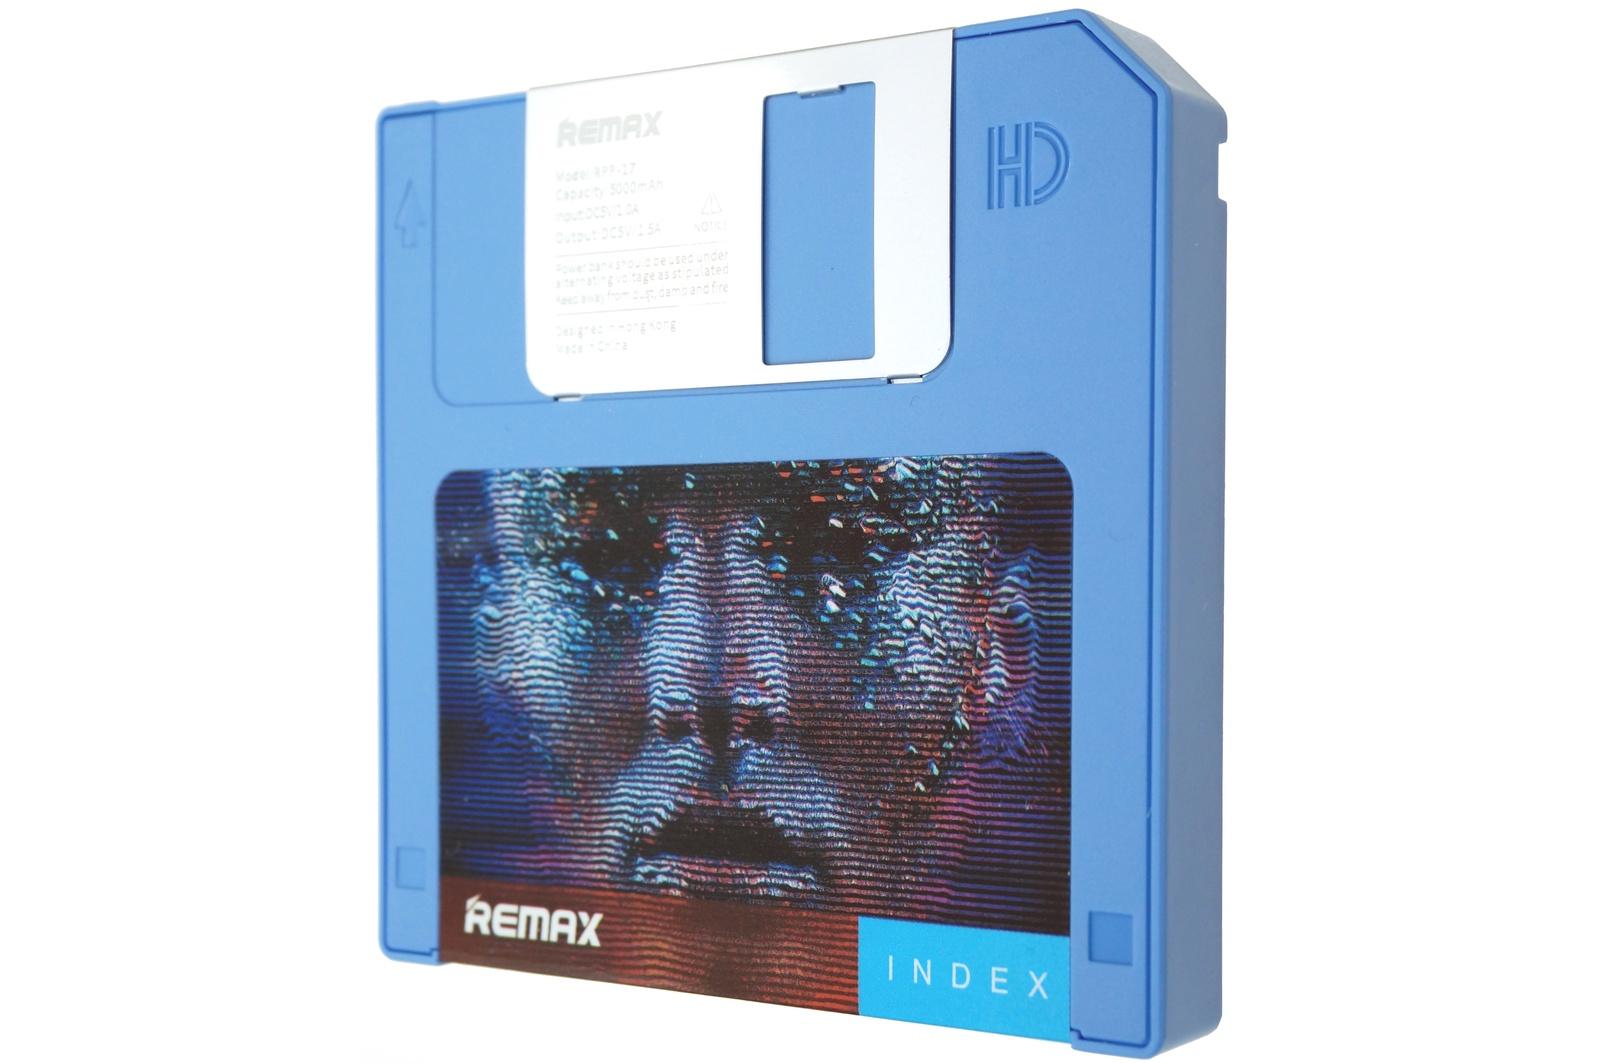 Внешний аккумулятор Remax Power Bank Disk 5000 mAh, синий remax аккумулятор remax disk 5000 мач голубой портативный